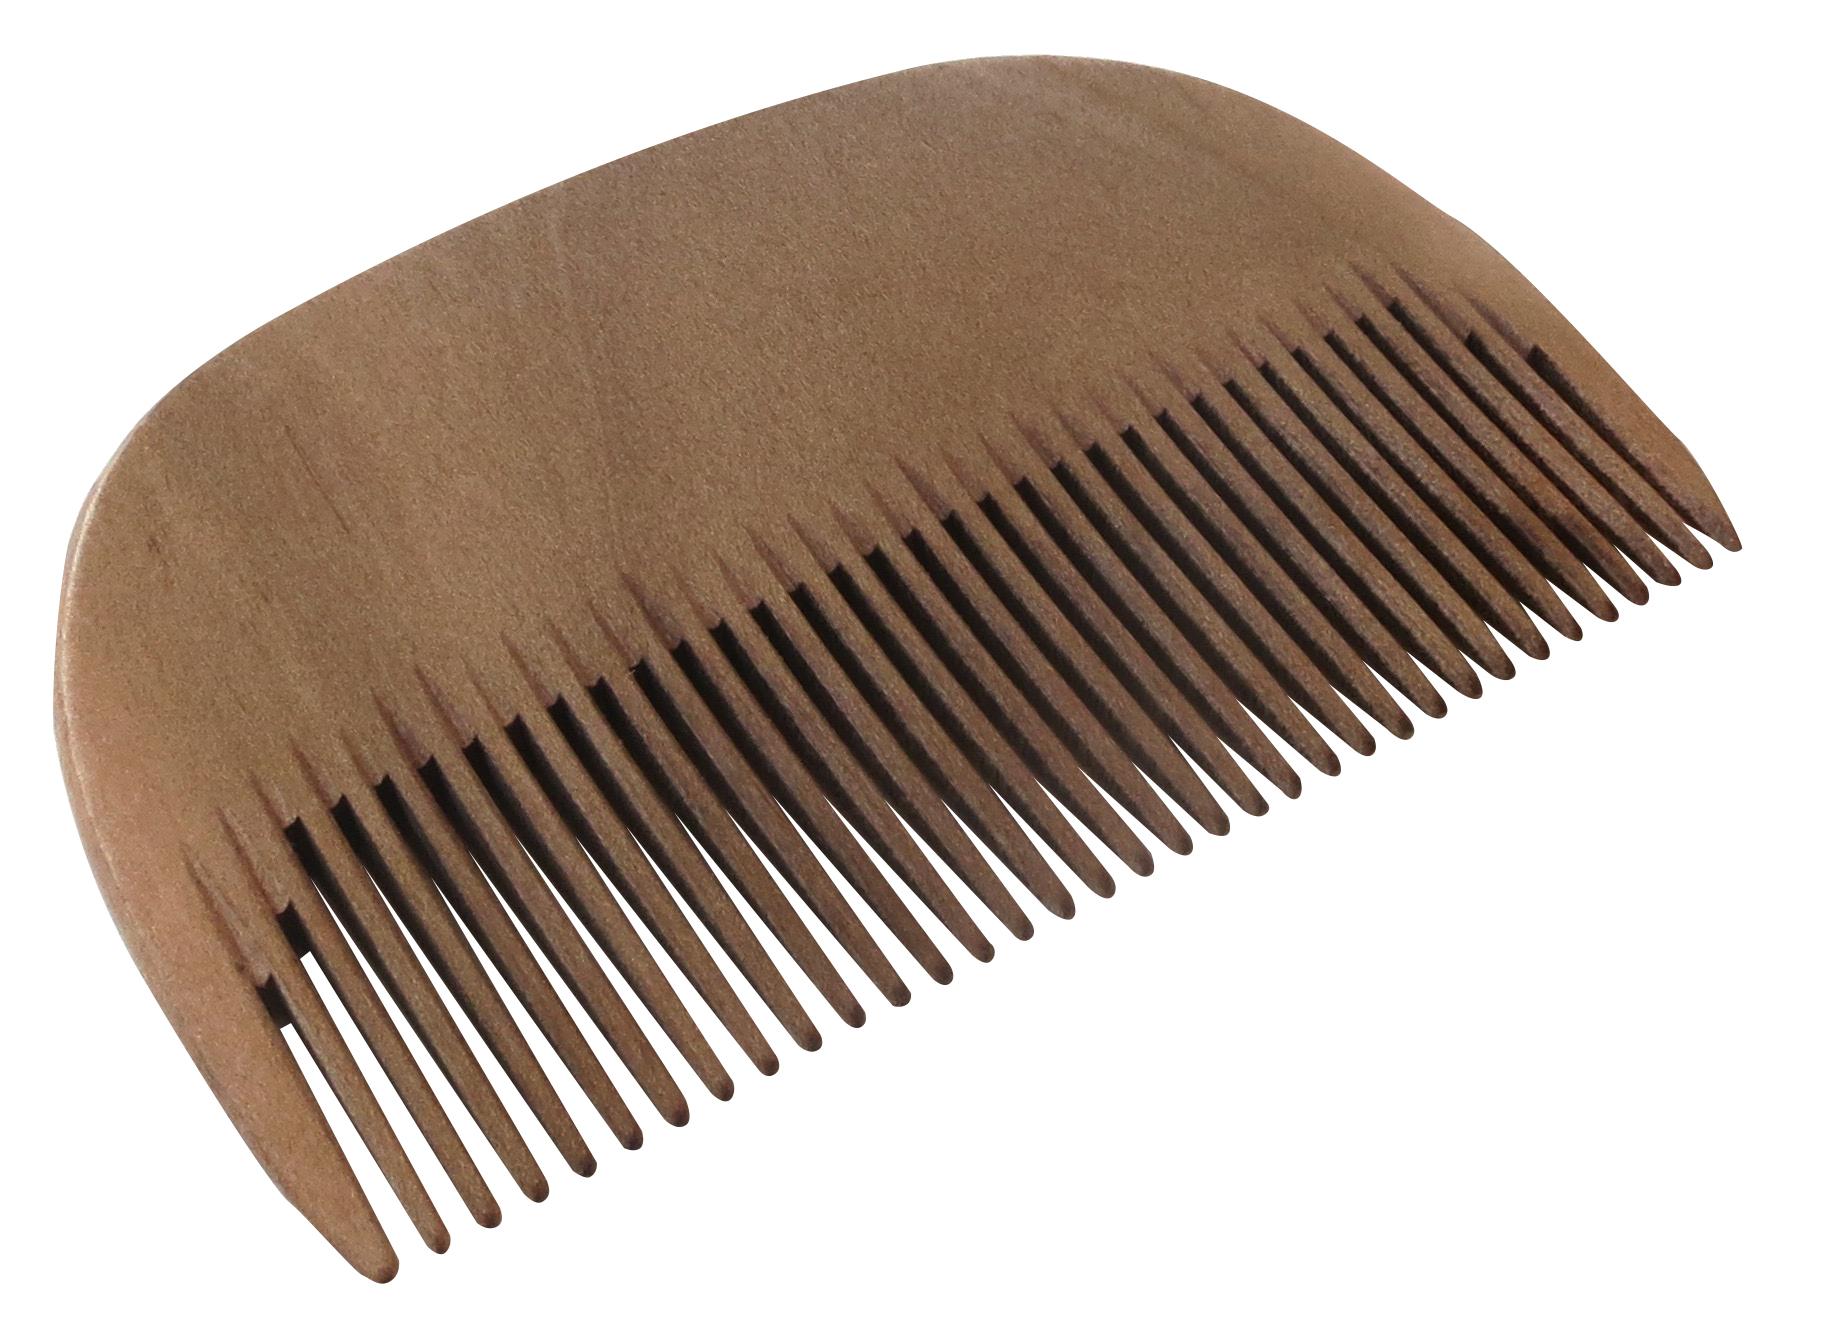 Купить Расческа-гребень Keller 6231500 для бороды ручной работы (груша)